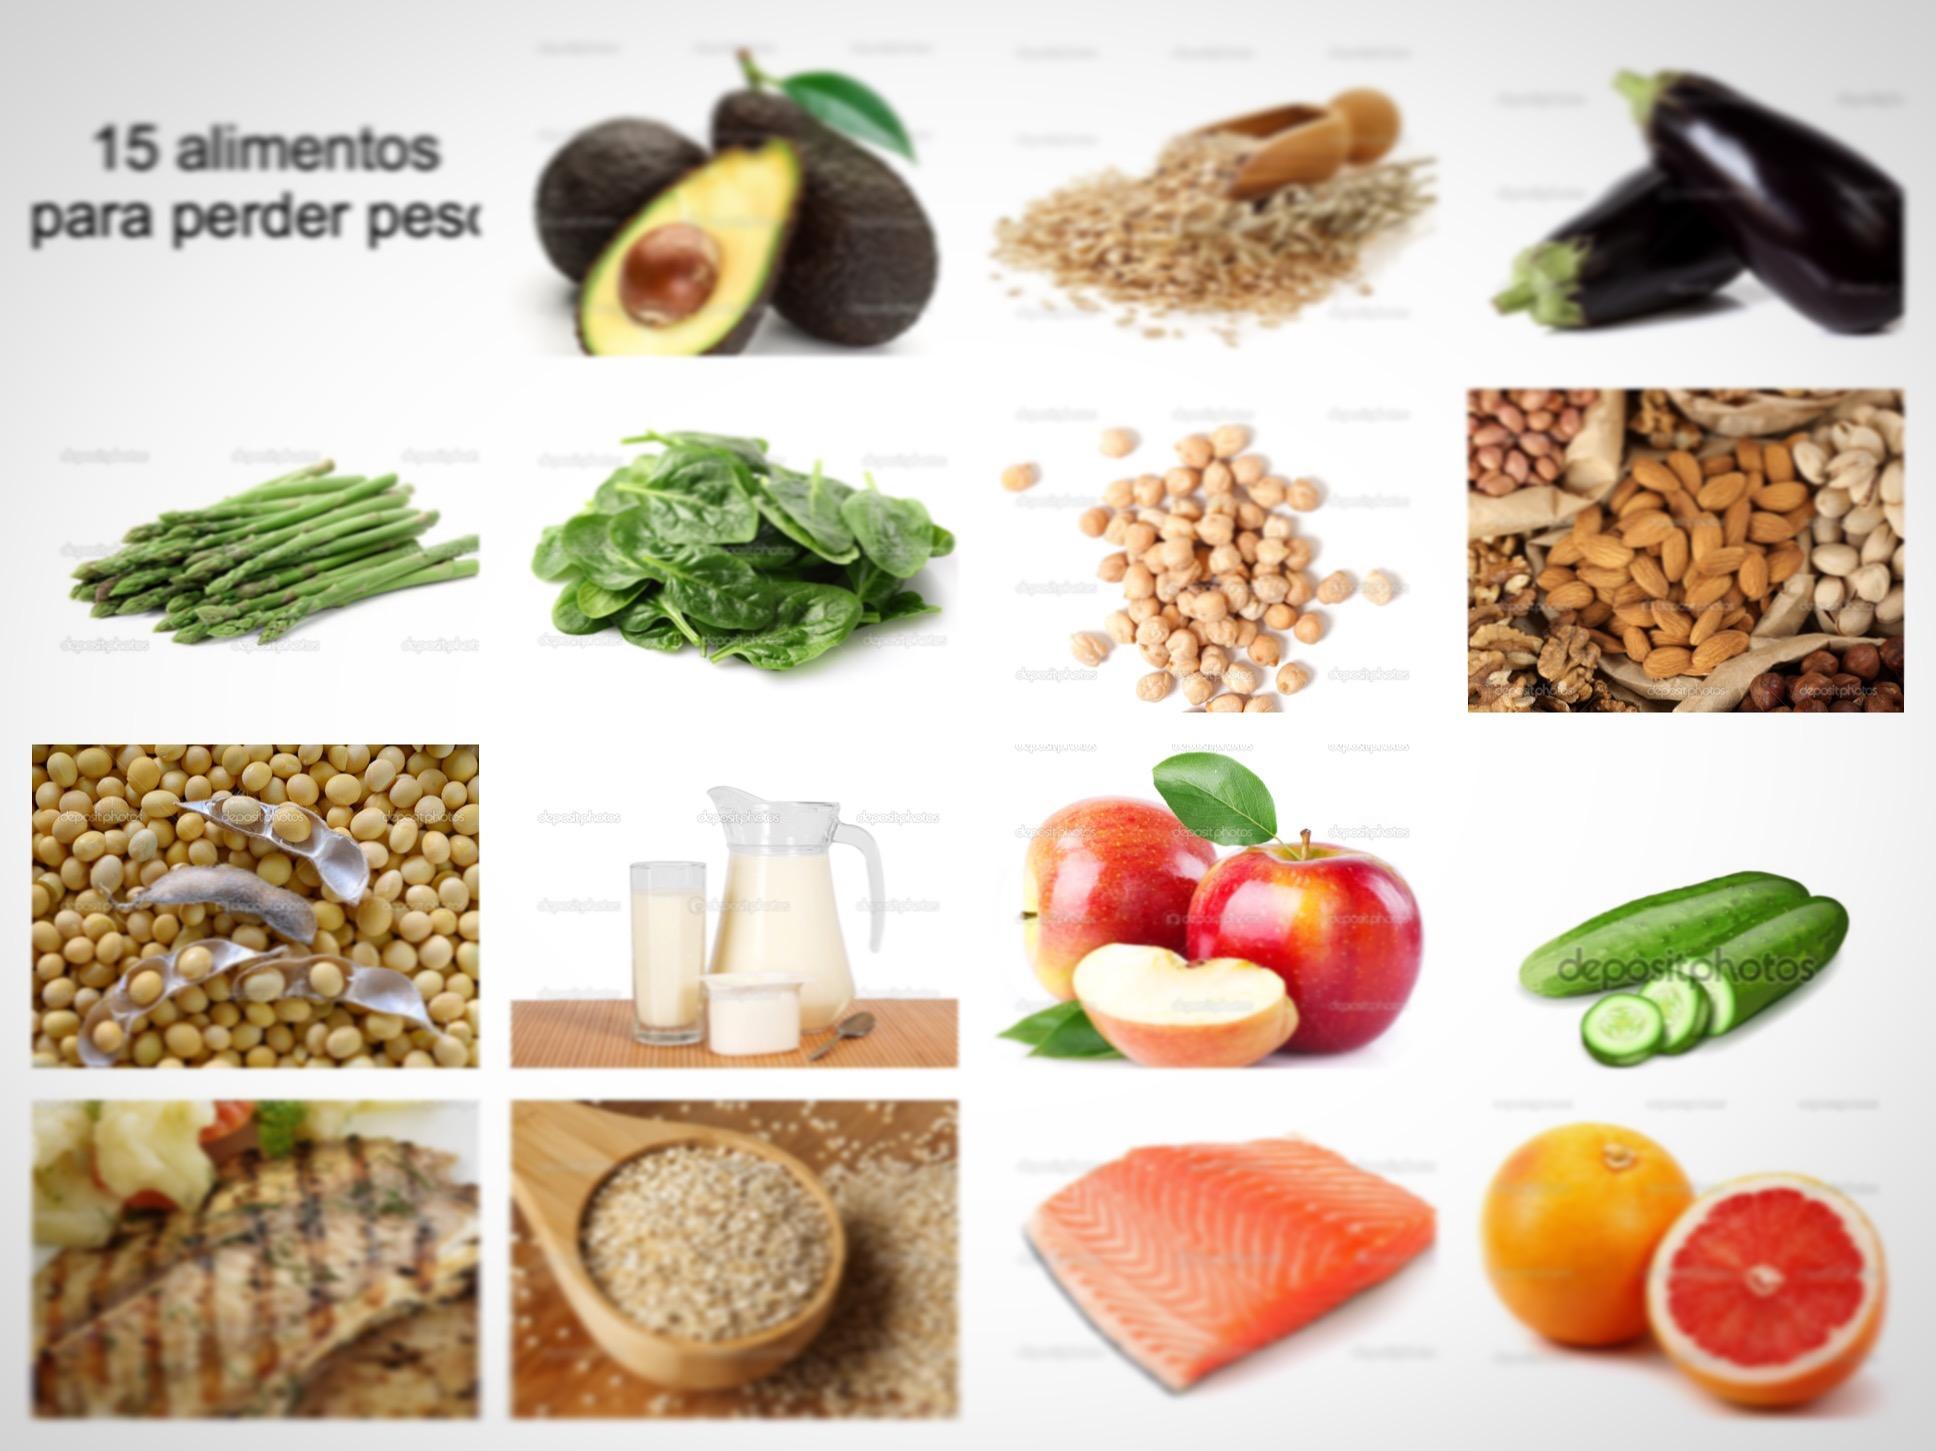 Revista es ejercicio y salud 15 alimentos para perder peso - Alimentos para perder peso ...